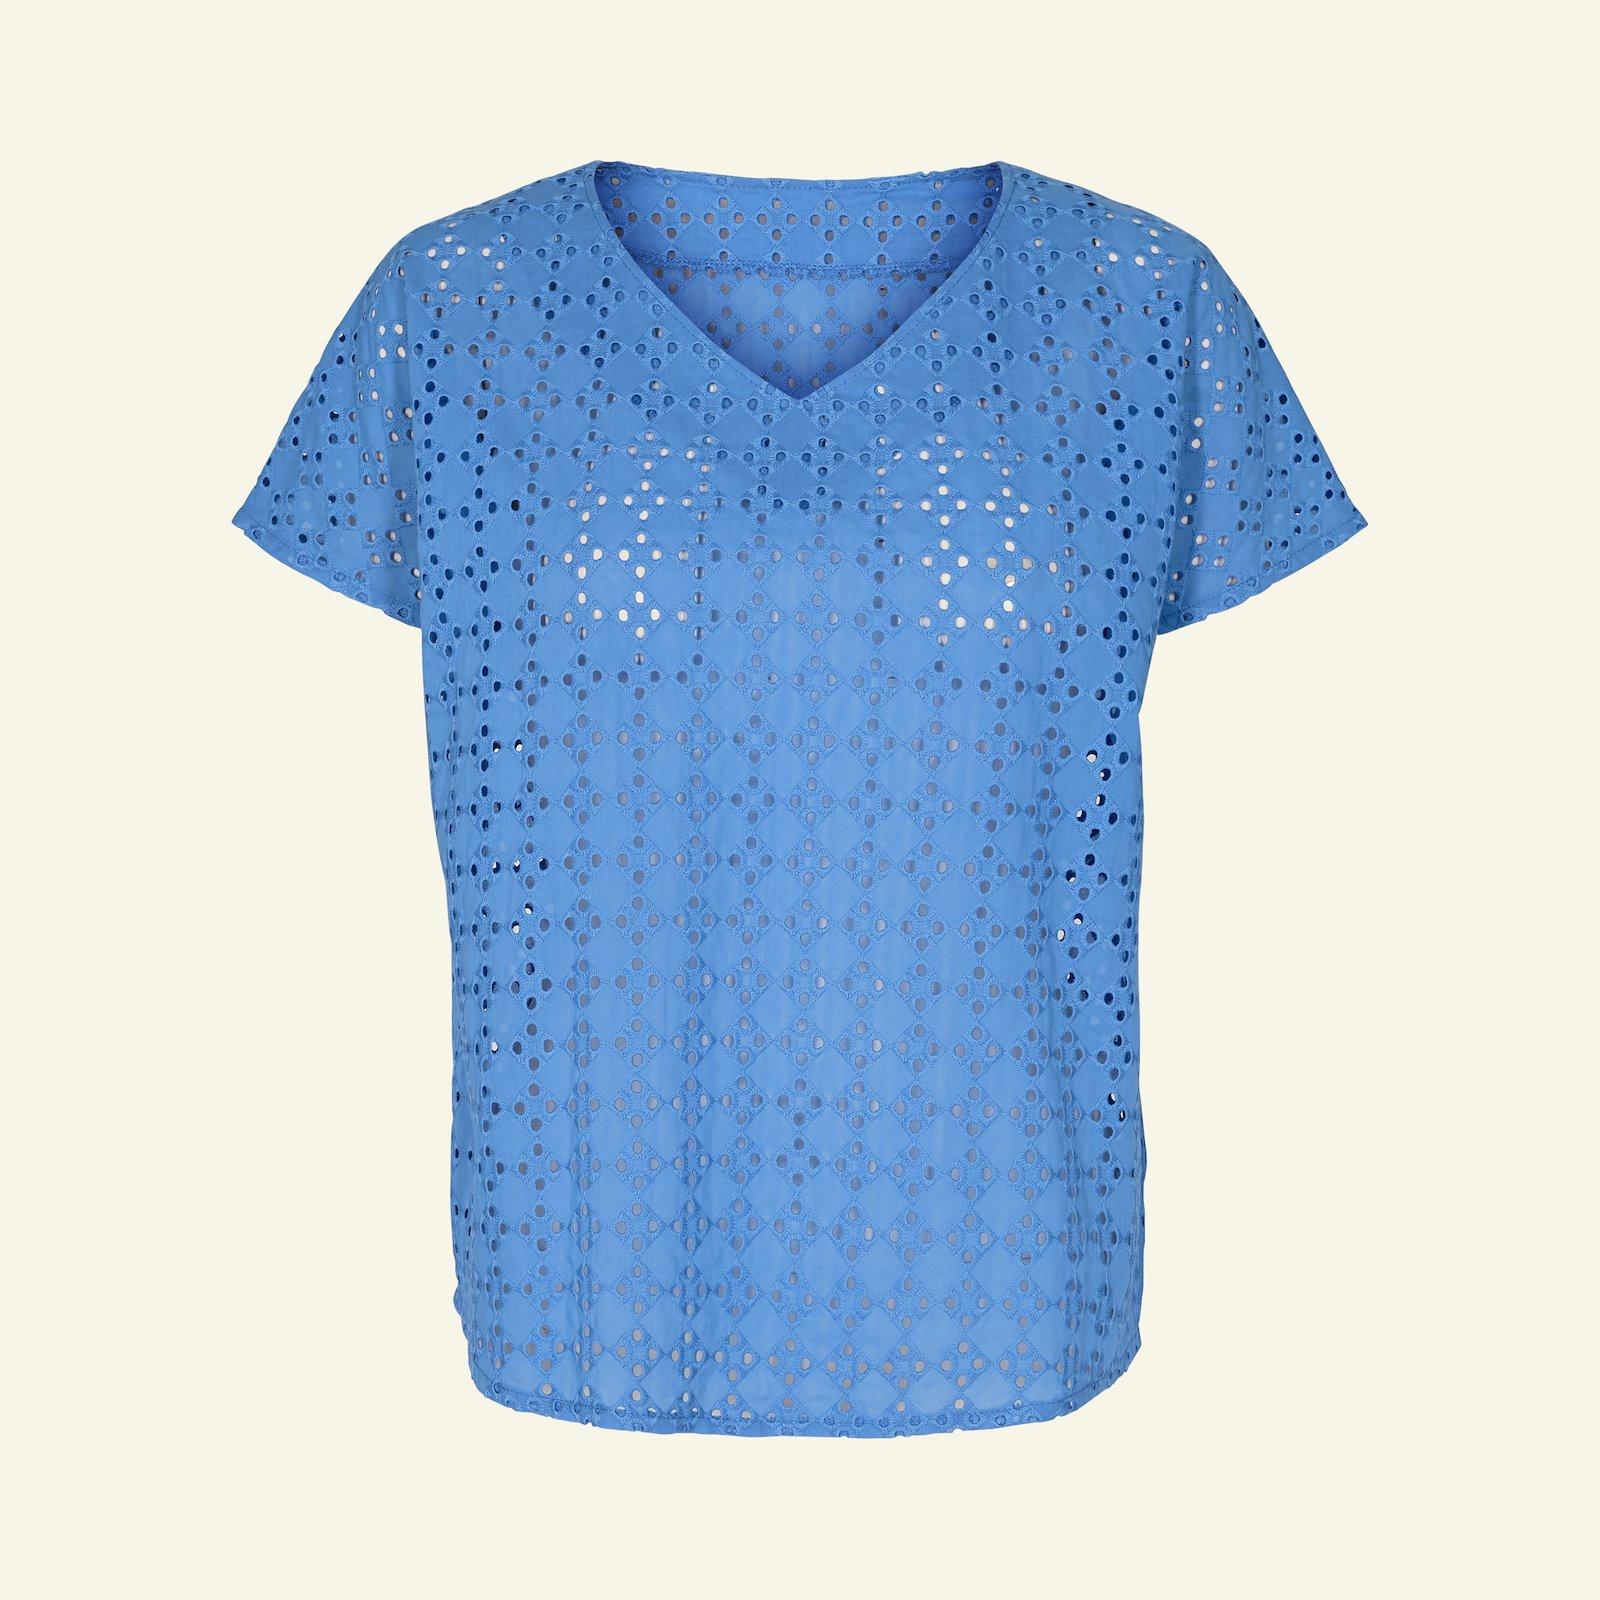 Short sleeved blouse, 42/14 p22065_550104_sskit